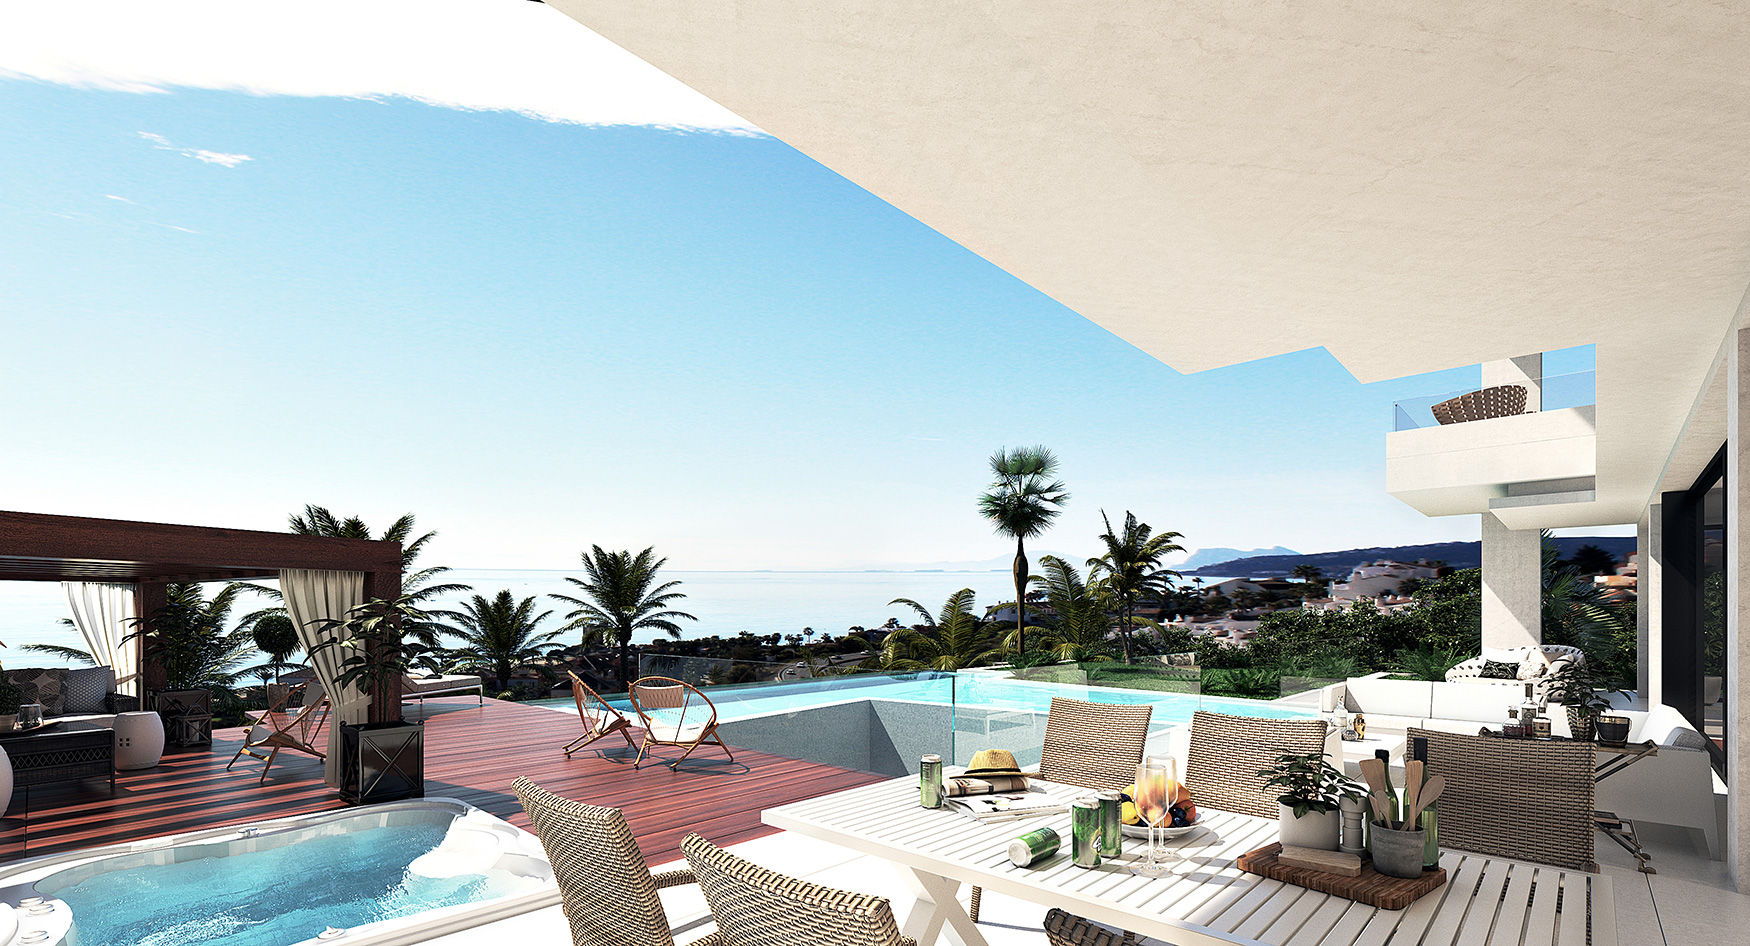 villa de lujo passivhaus en la costa del sol